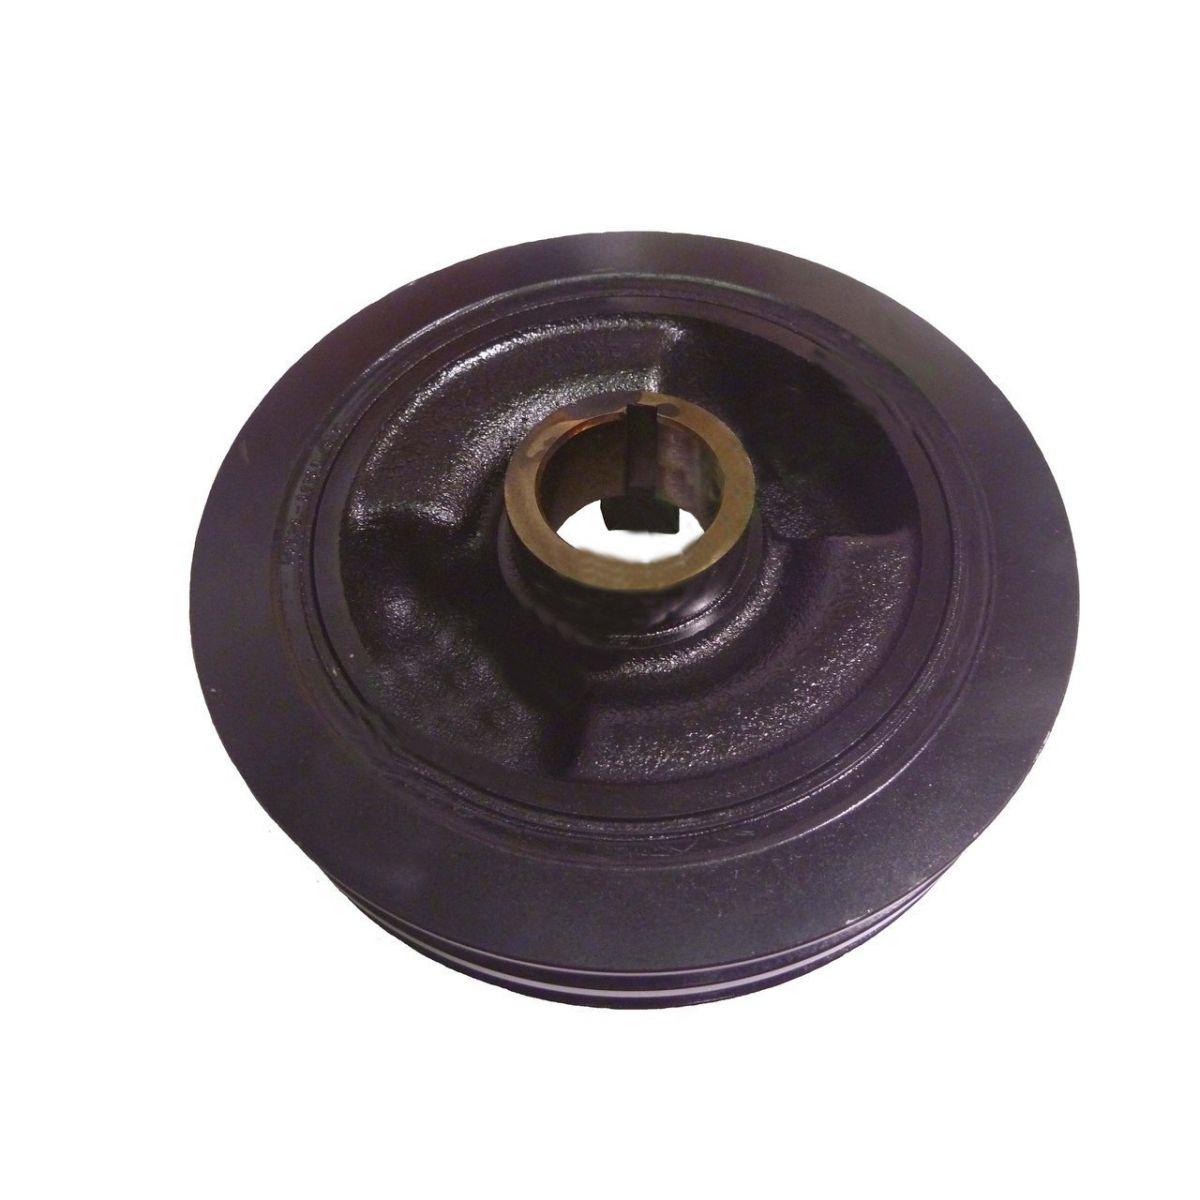 Polia do Virabrequim Dupla Hilux e Sw4 Diesel 2.4 2.8 e 3.0 Aspirado de 1991 a 2004